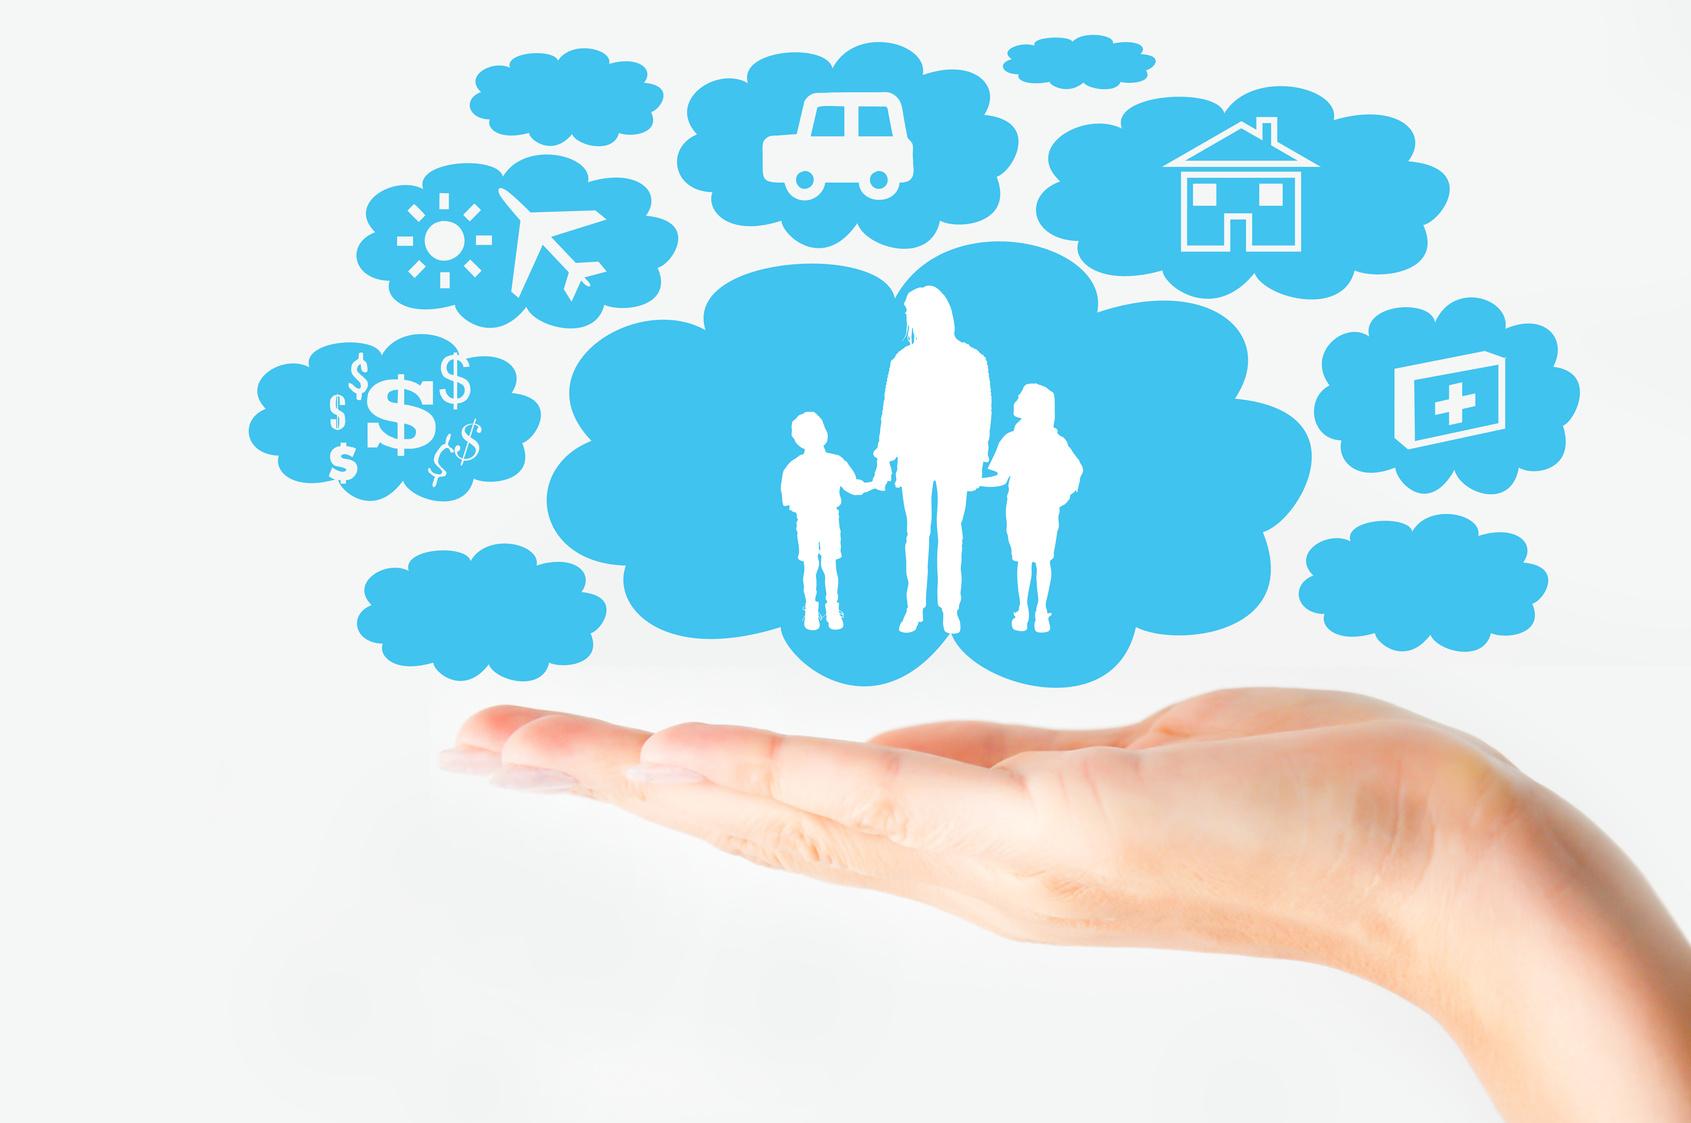 ОТП Банк страхование жизни